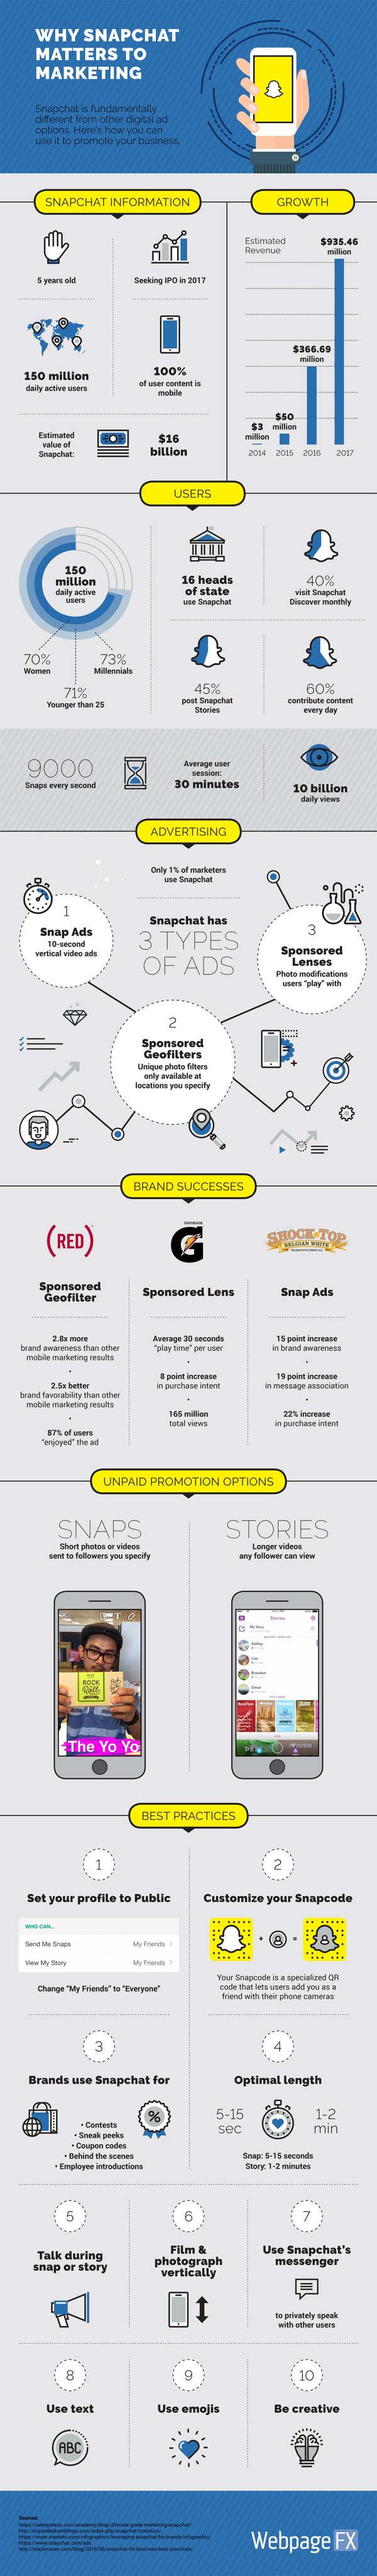 importancia-snapchat-markeing-infografia